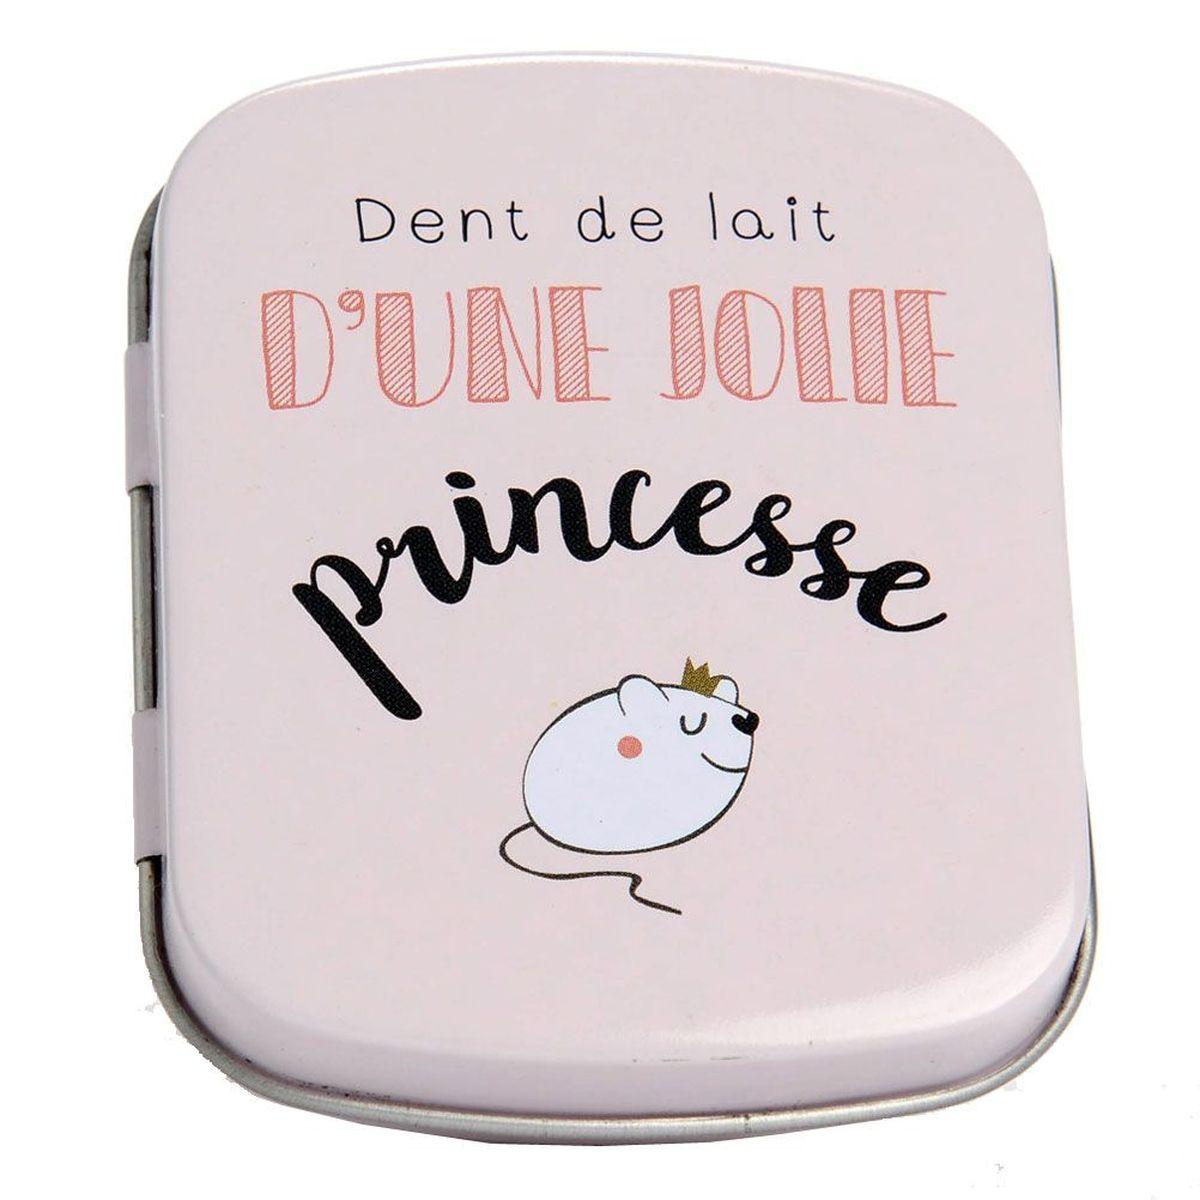 Adorable petite bo/îte /à dents pour ranger les dents de vos enfants en attendant la petite souris Amazy Bo/îte /à dents de lait avec pincette petite | rose